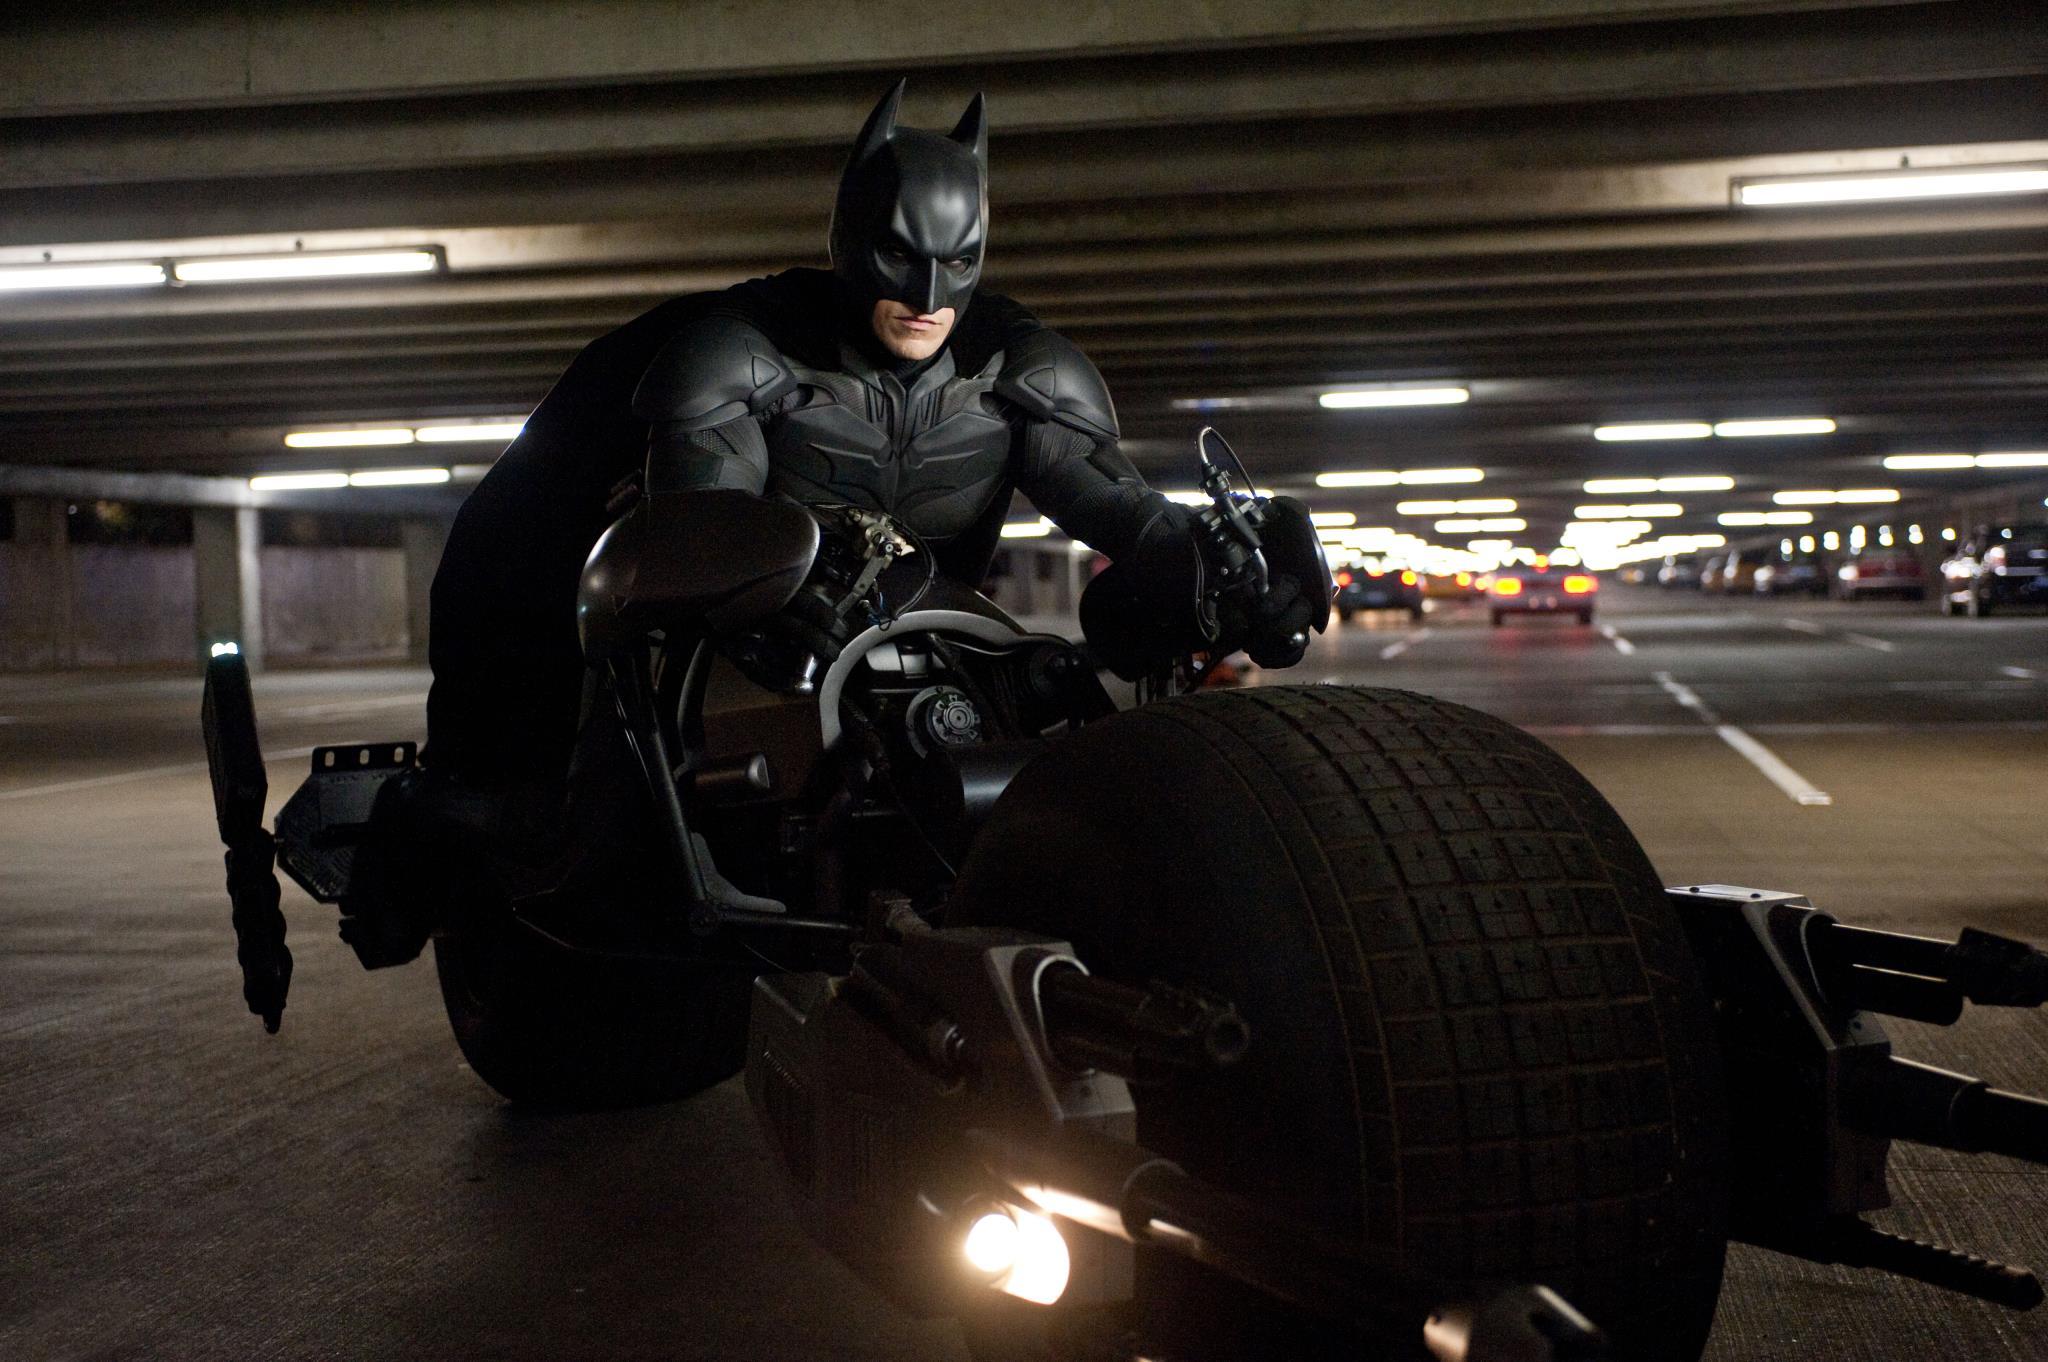 Imagen de la película Batman El Caballero Oscuro con su moto, la Batpod